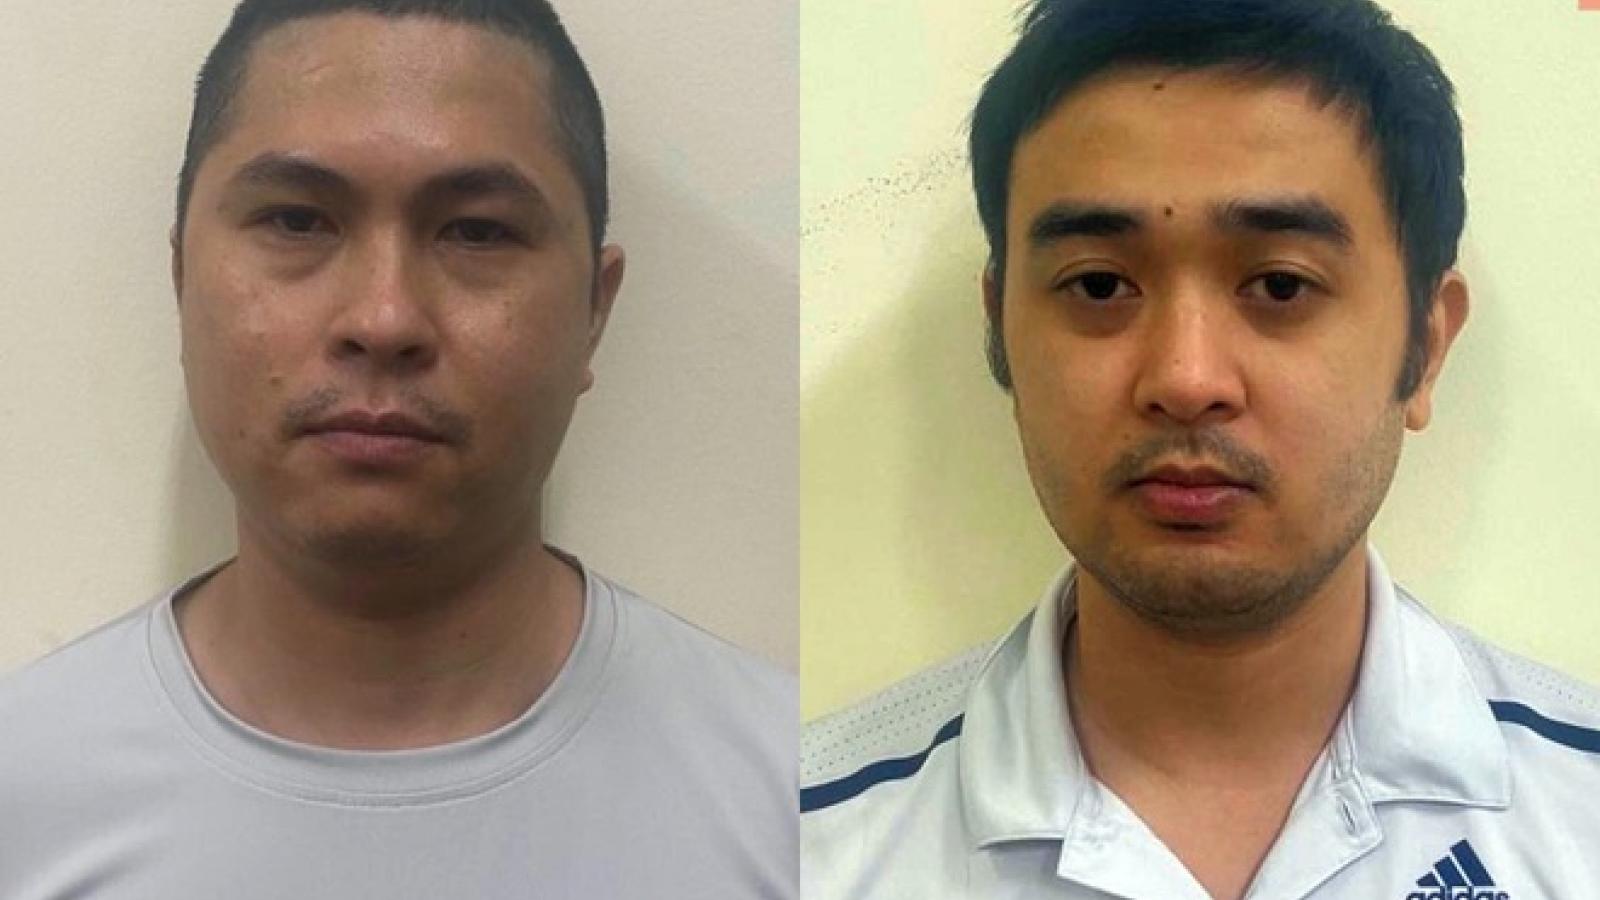 Tạm giữ hình sự chủ khách sạn ở Hà Nội vì chứa mại dâm